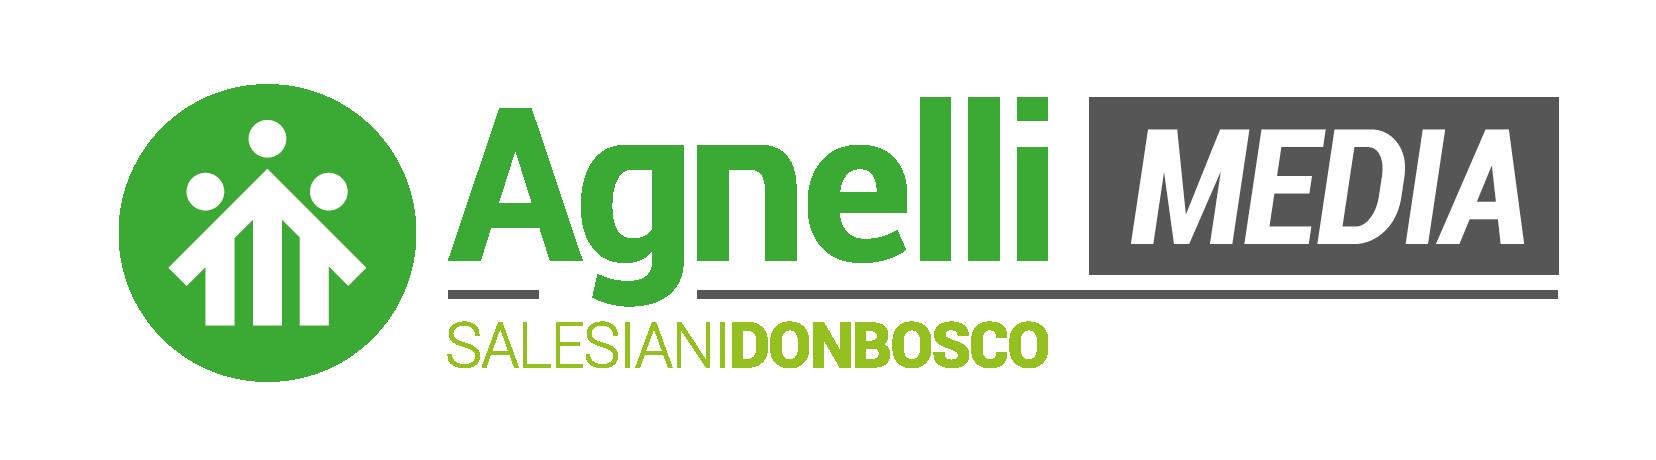 Istituto Internazionale E. Agnelli